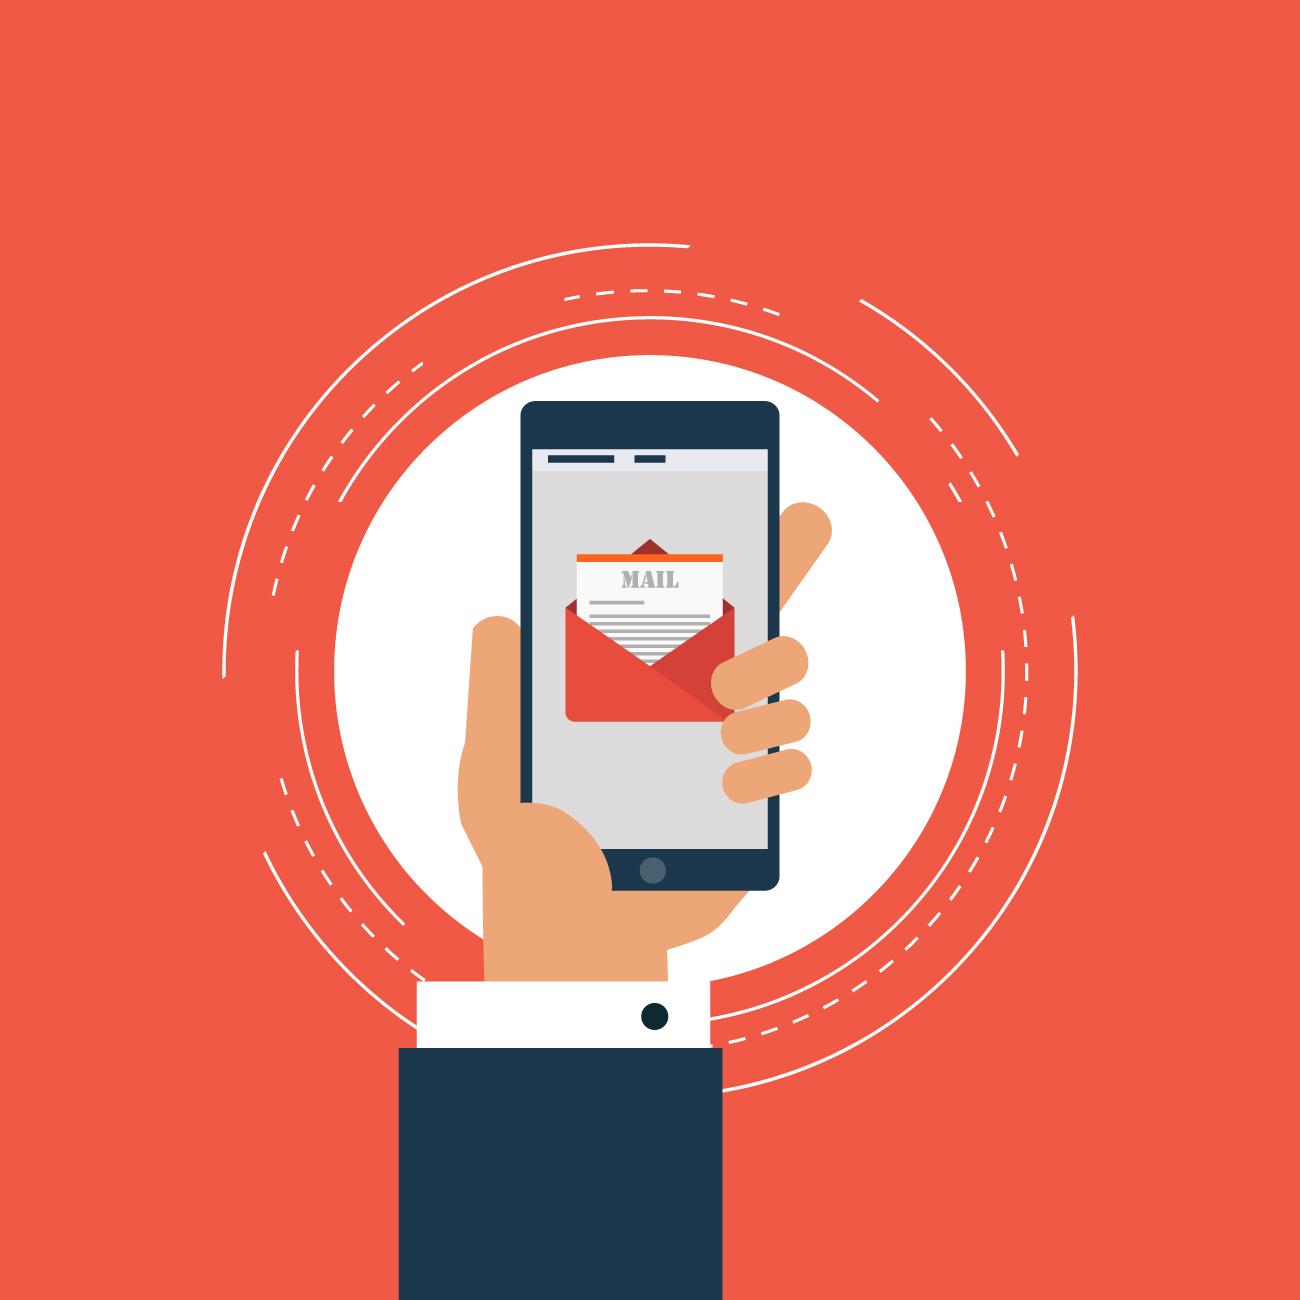 El correo electrónico certificado como medio de comunicación válido y seguro